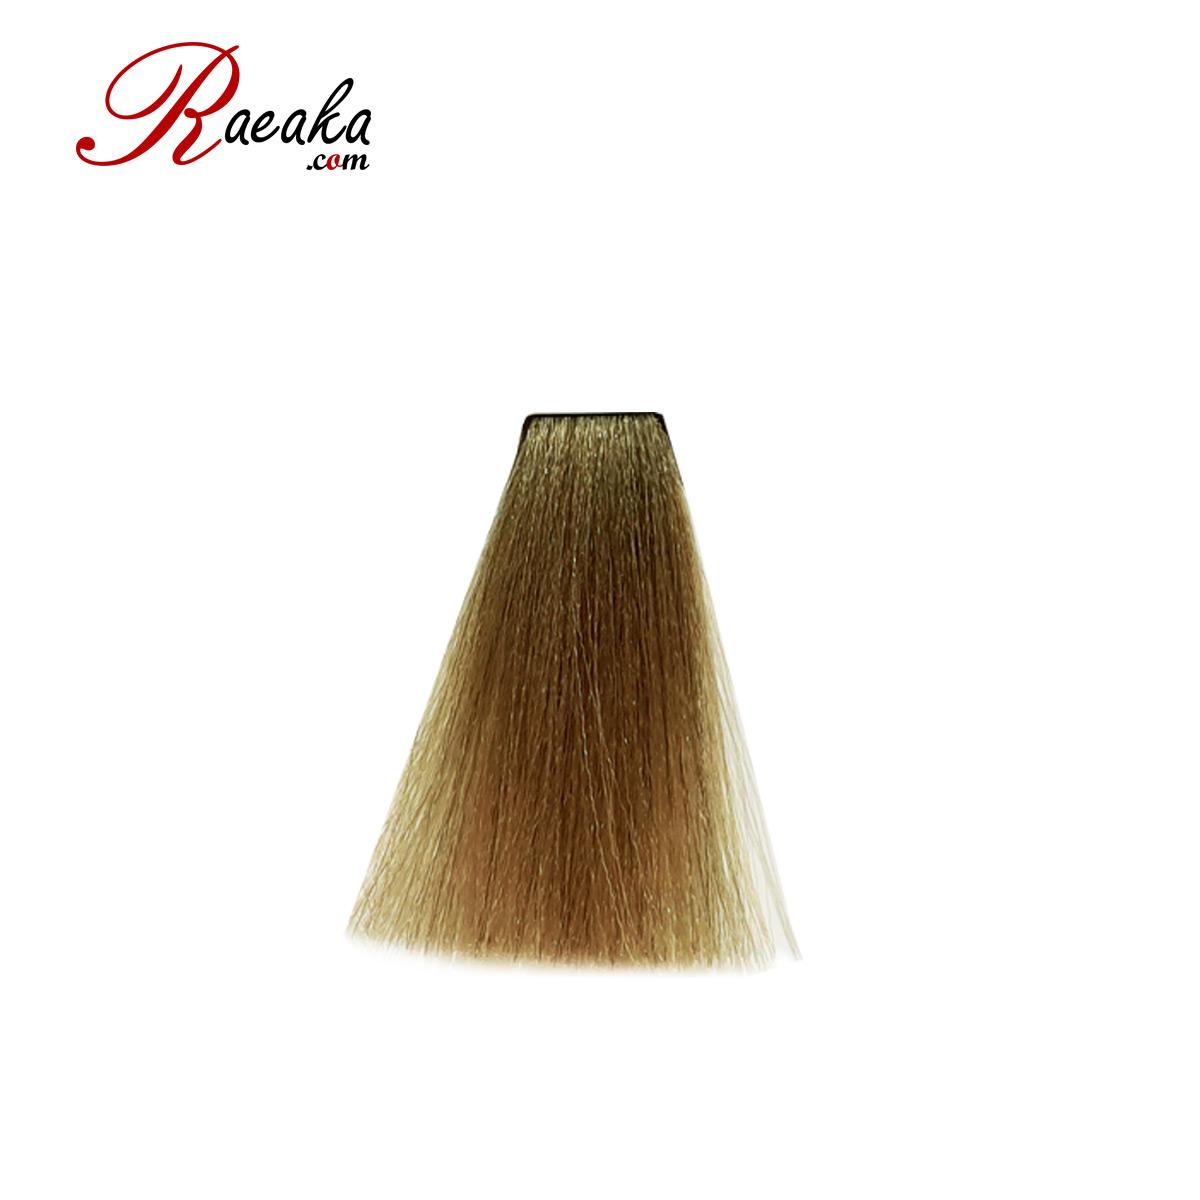 رنگ مو دوشس سری نسکافه ای شماره 81-7 حجم 125 میلی لیتر